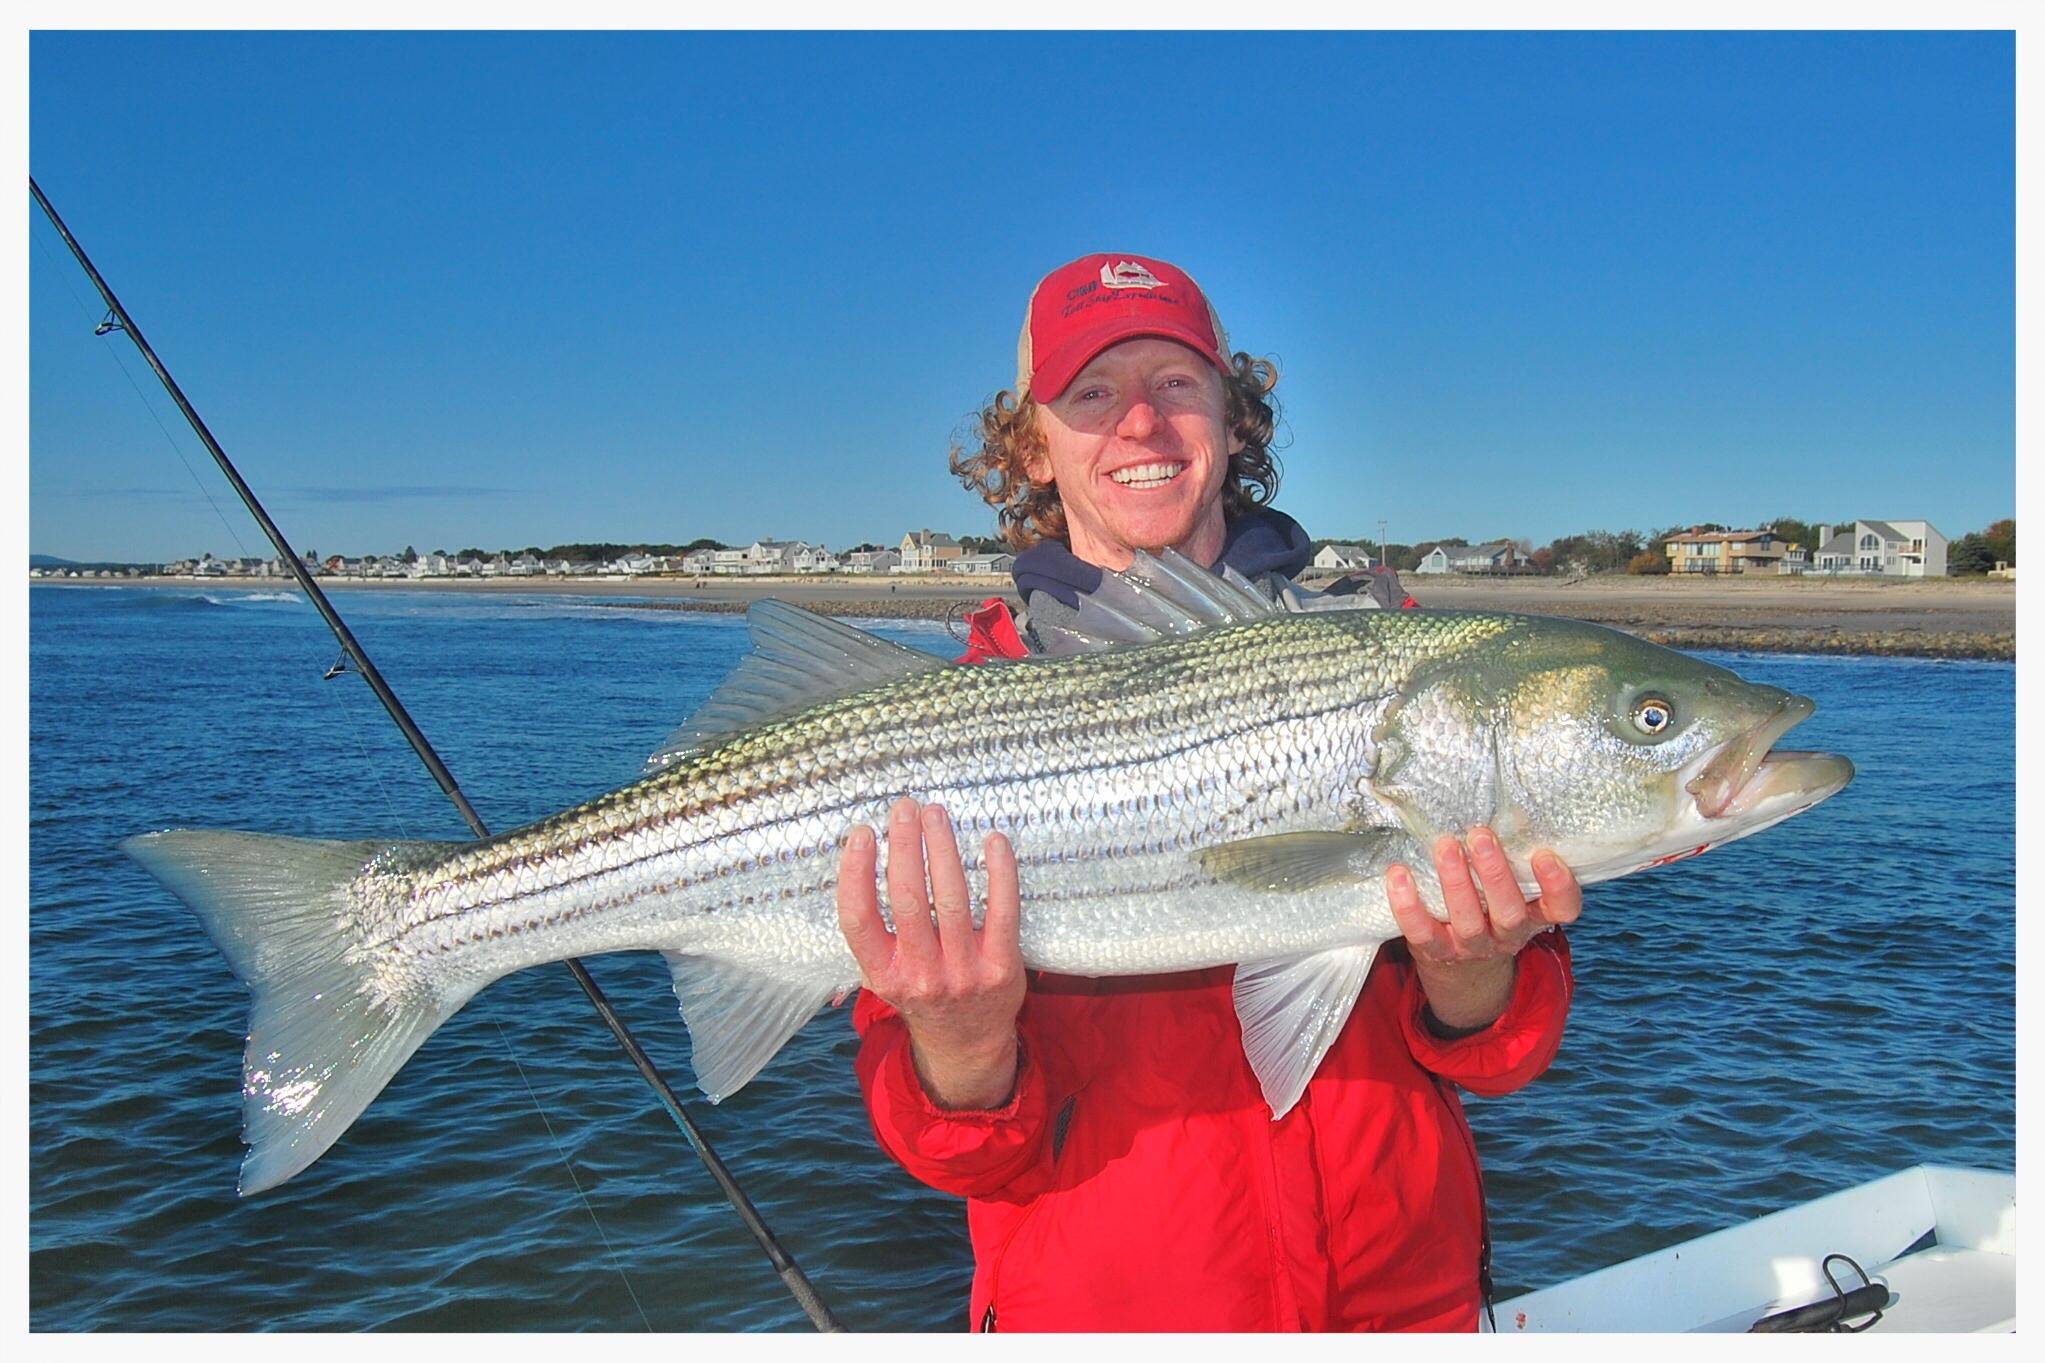 Striper Fishing with Steve Brettell